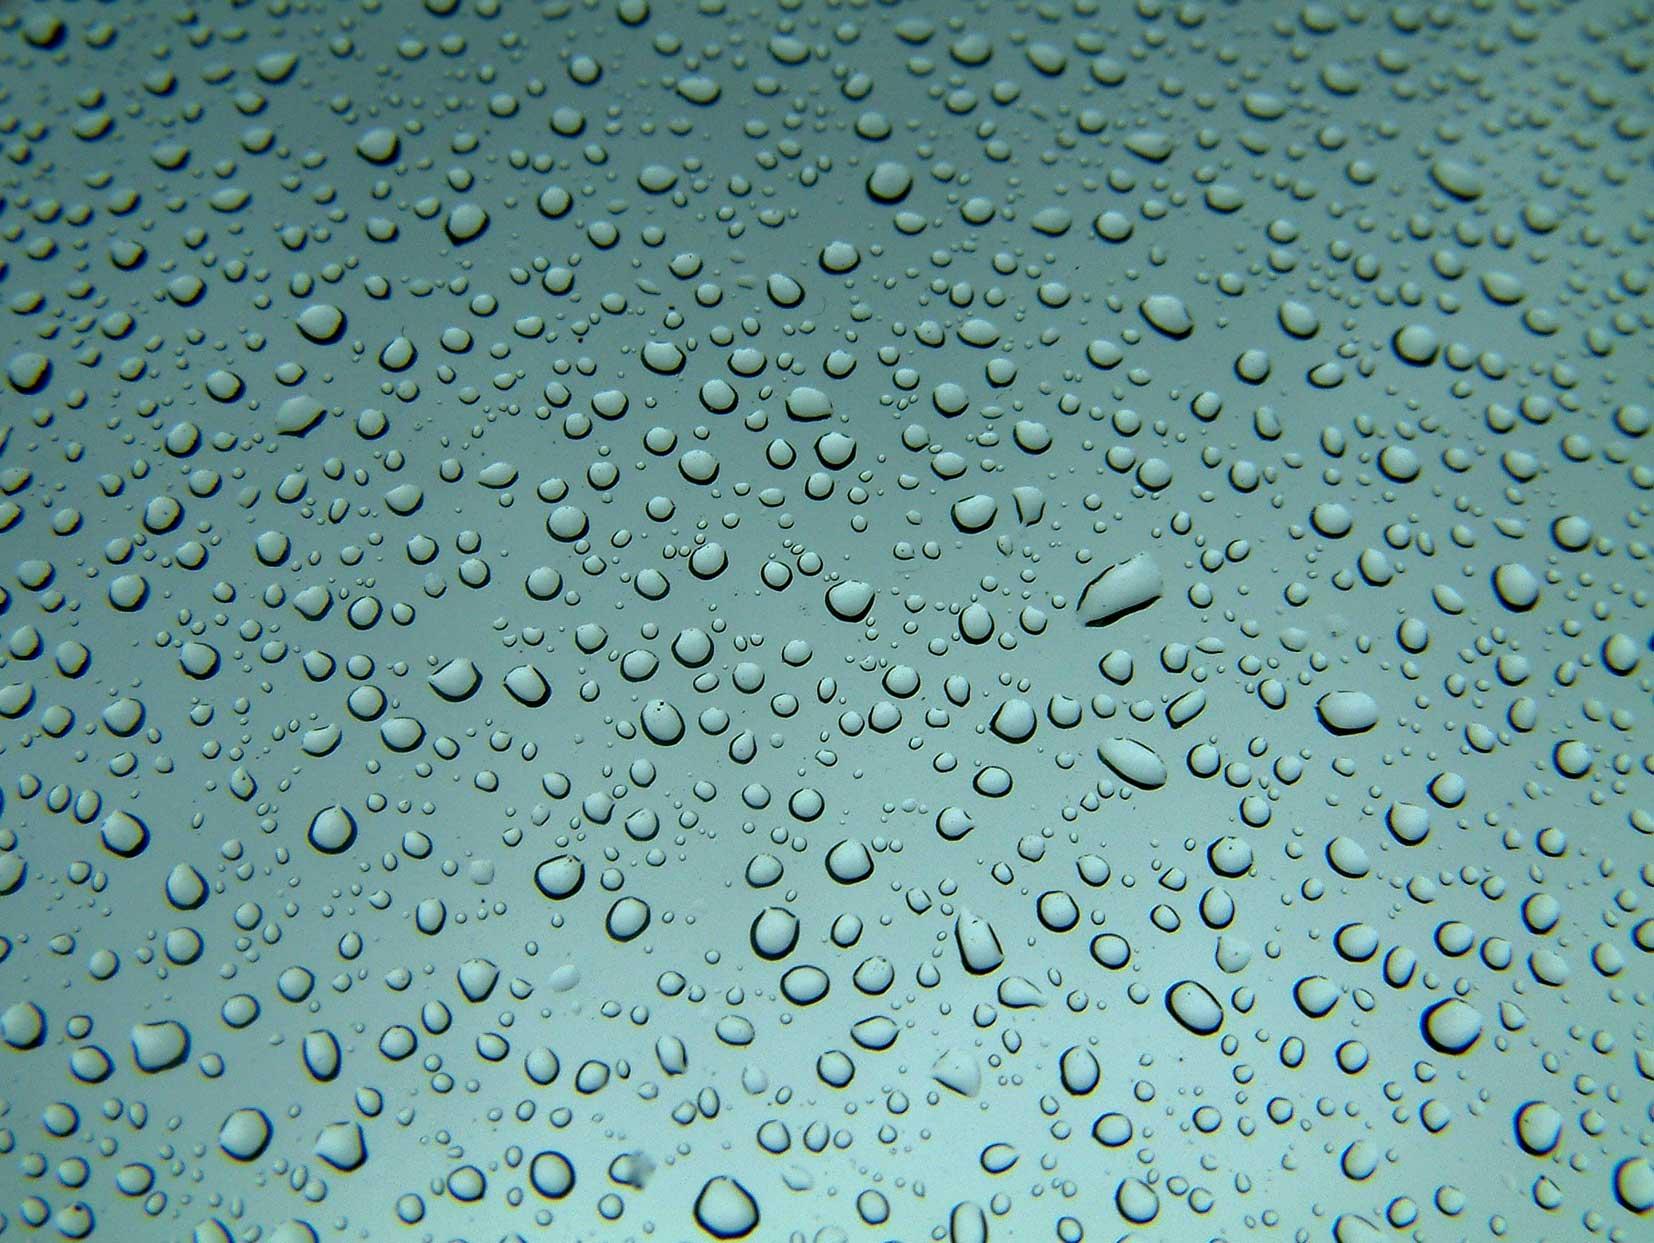 Texture - Water Drop by eRiQ